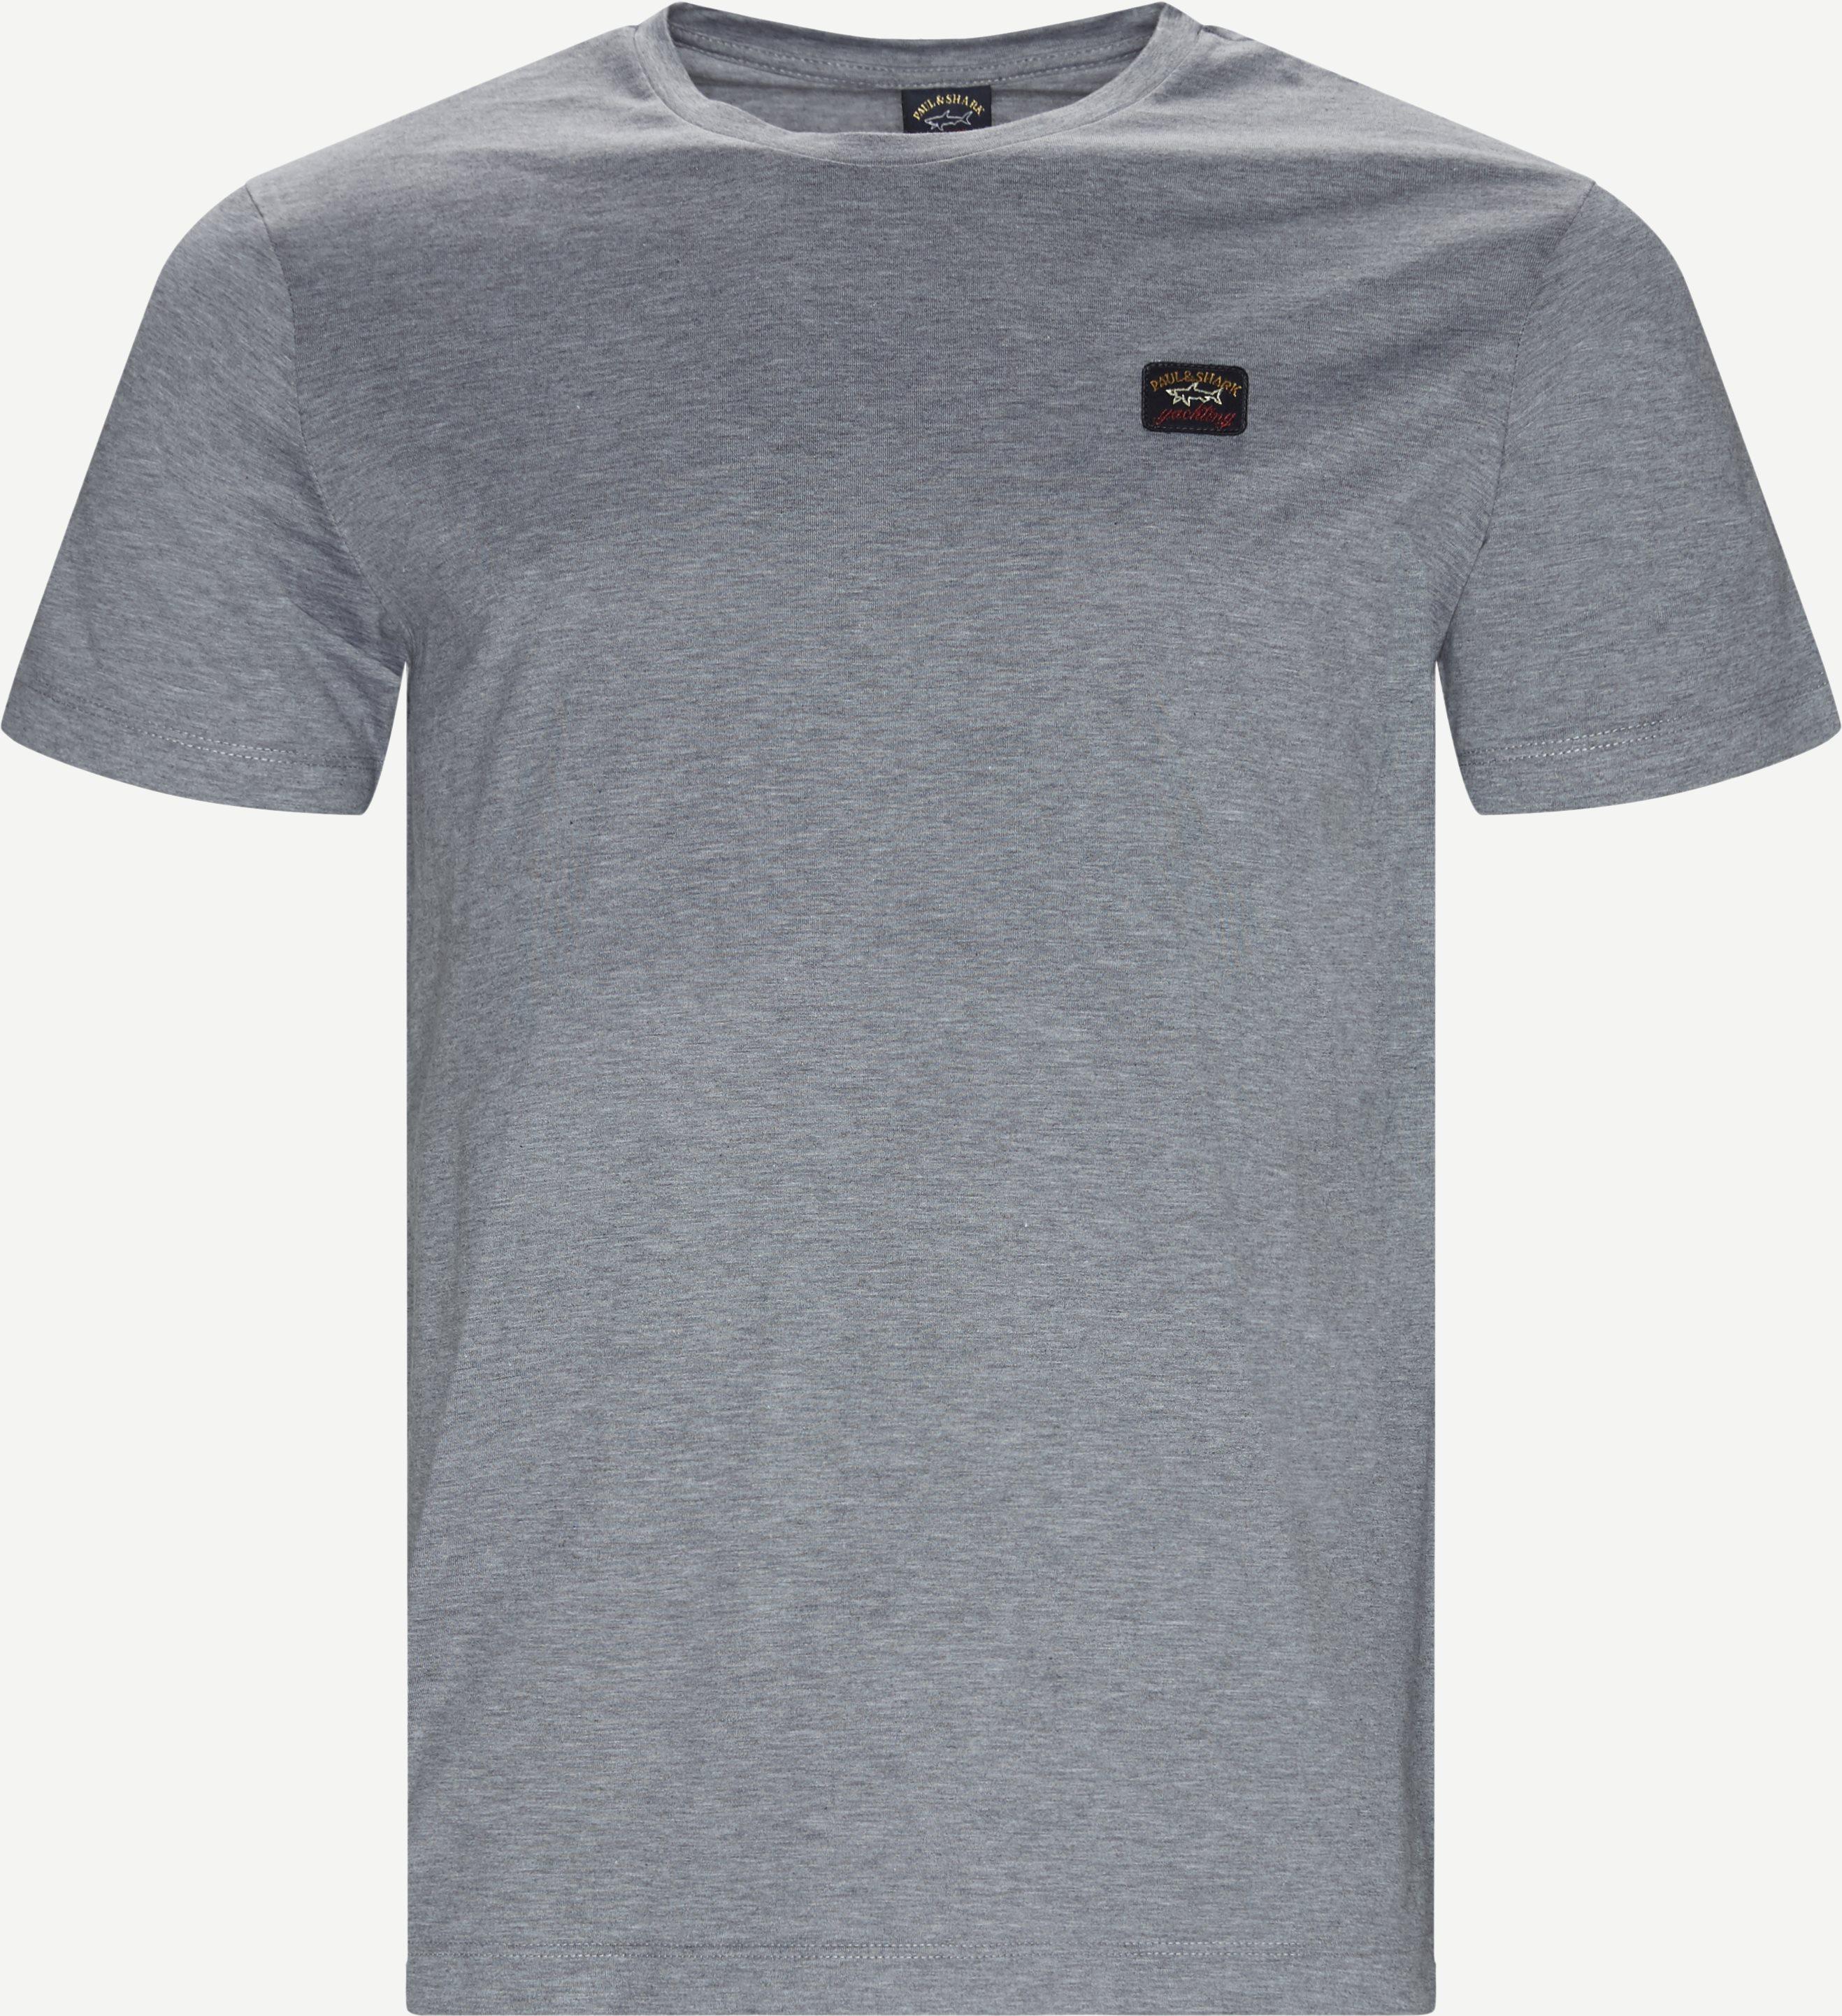 Cop T-shirt - T-shirts - Regular fit - Grå